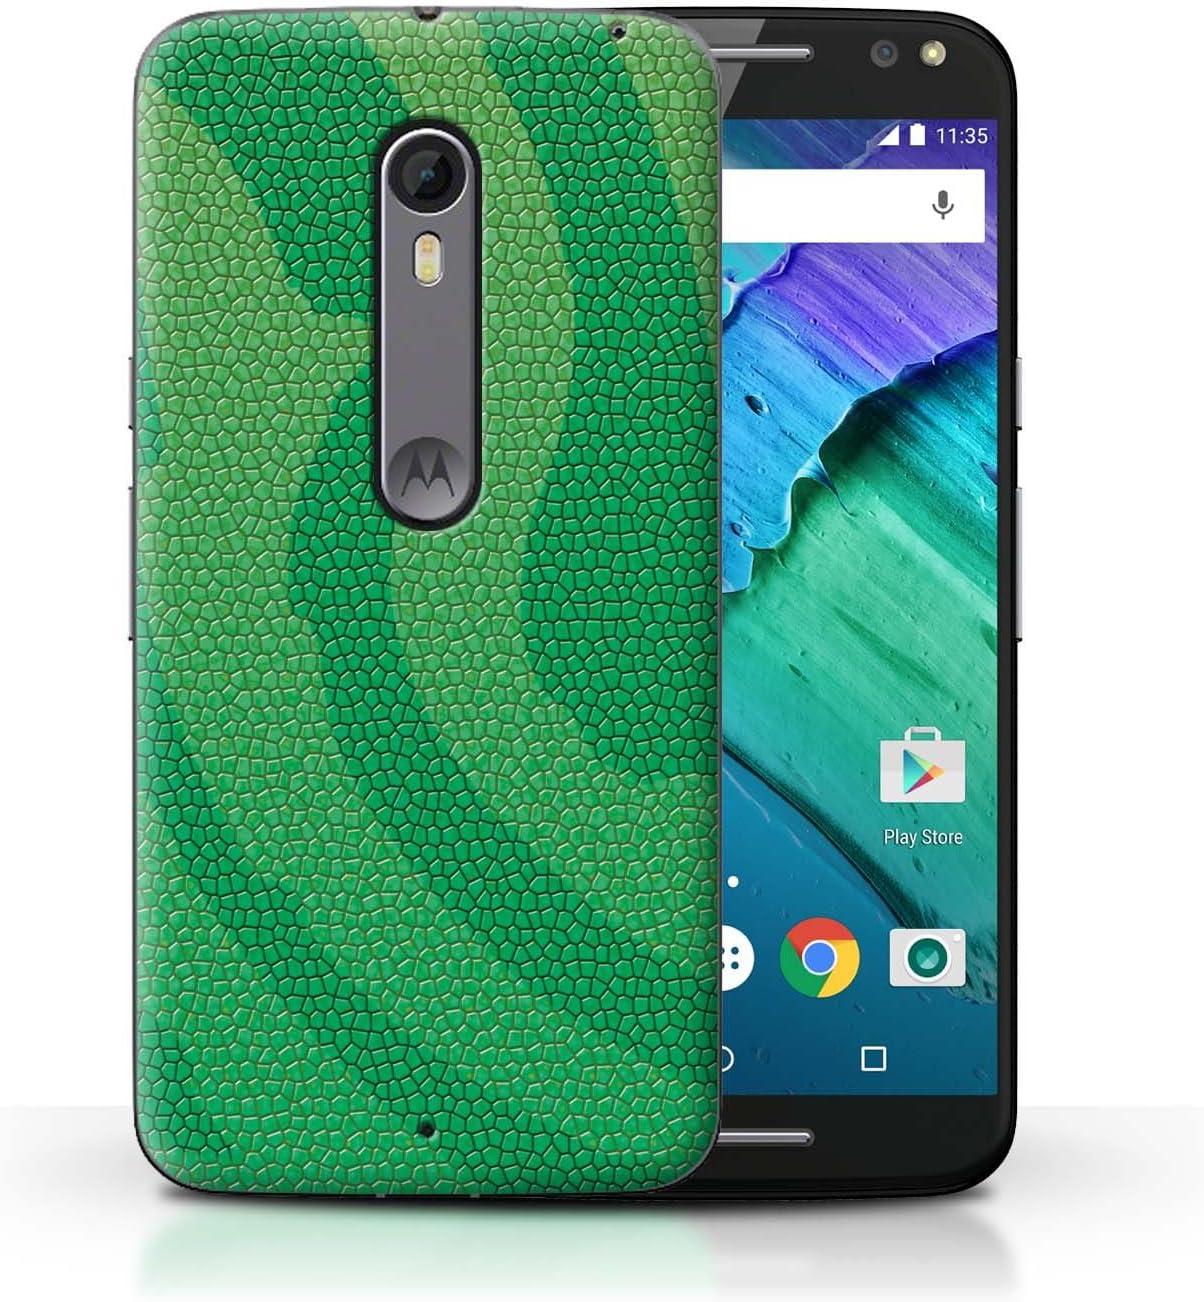 Stuff4® Phone Case/Cover/Skin/Moto-CC/Reptile Skin Effect ...